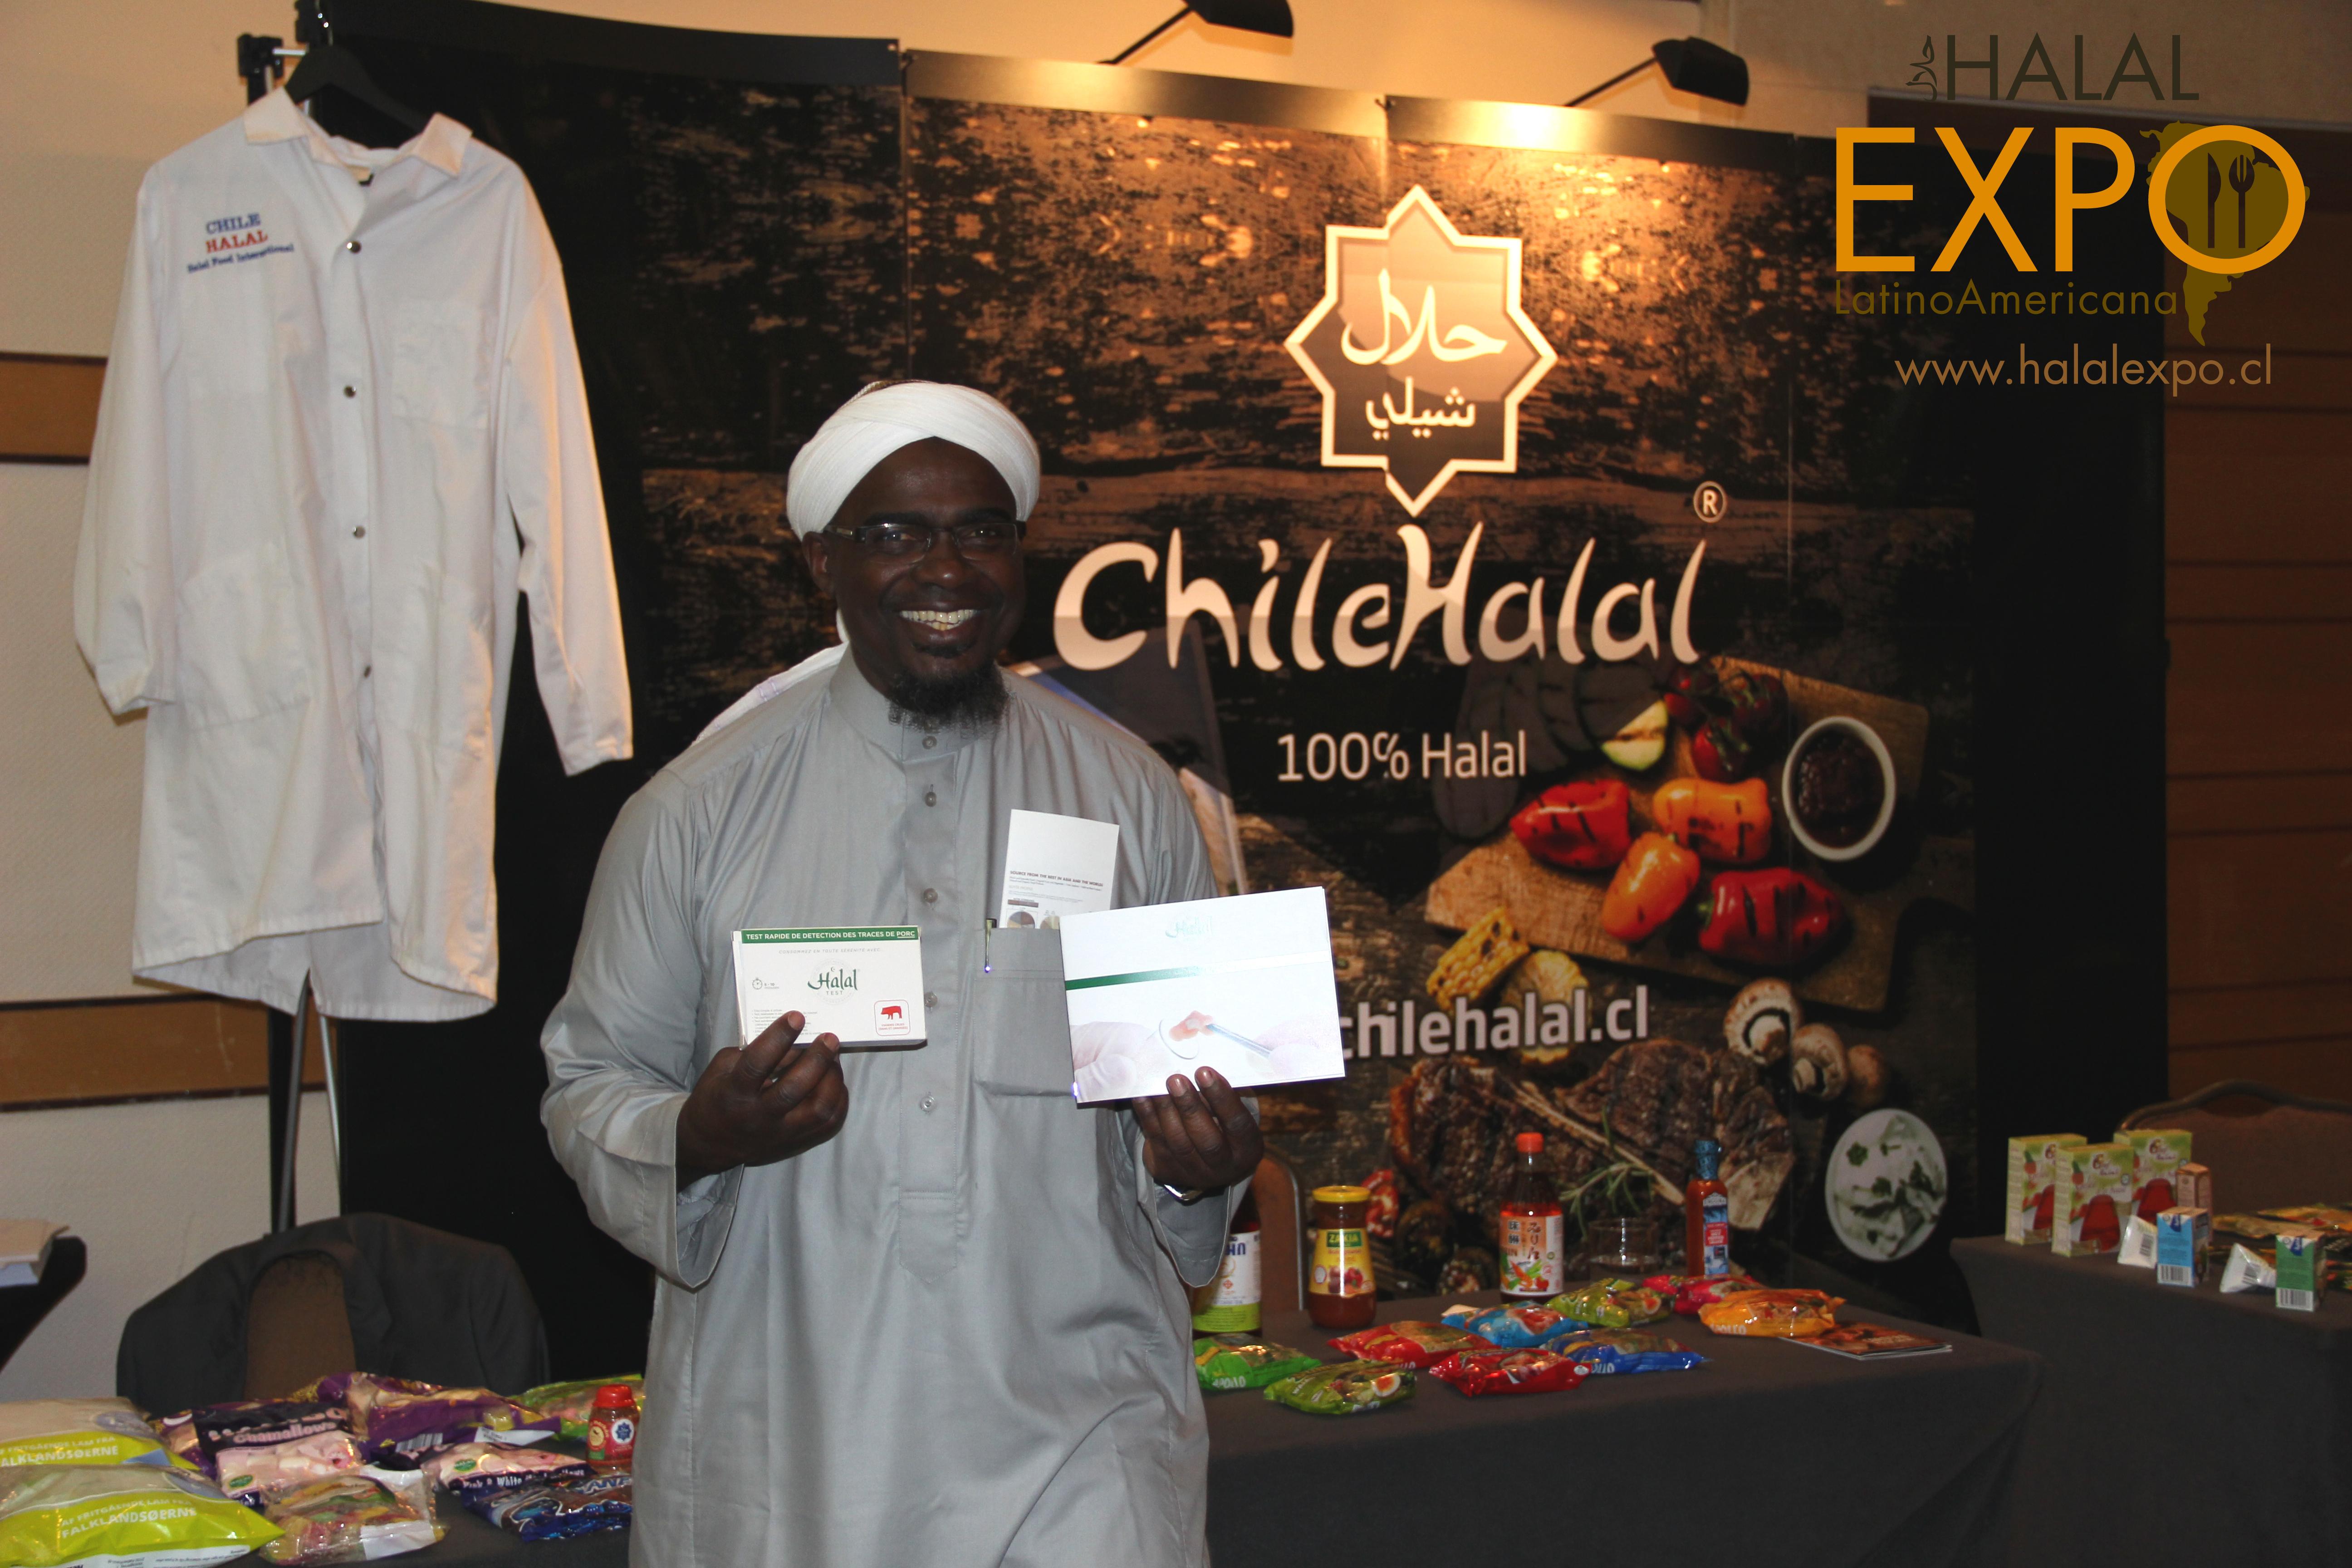 Chilehalal en la Halal Expo Latino Americana 2014